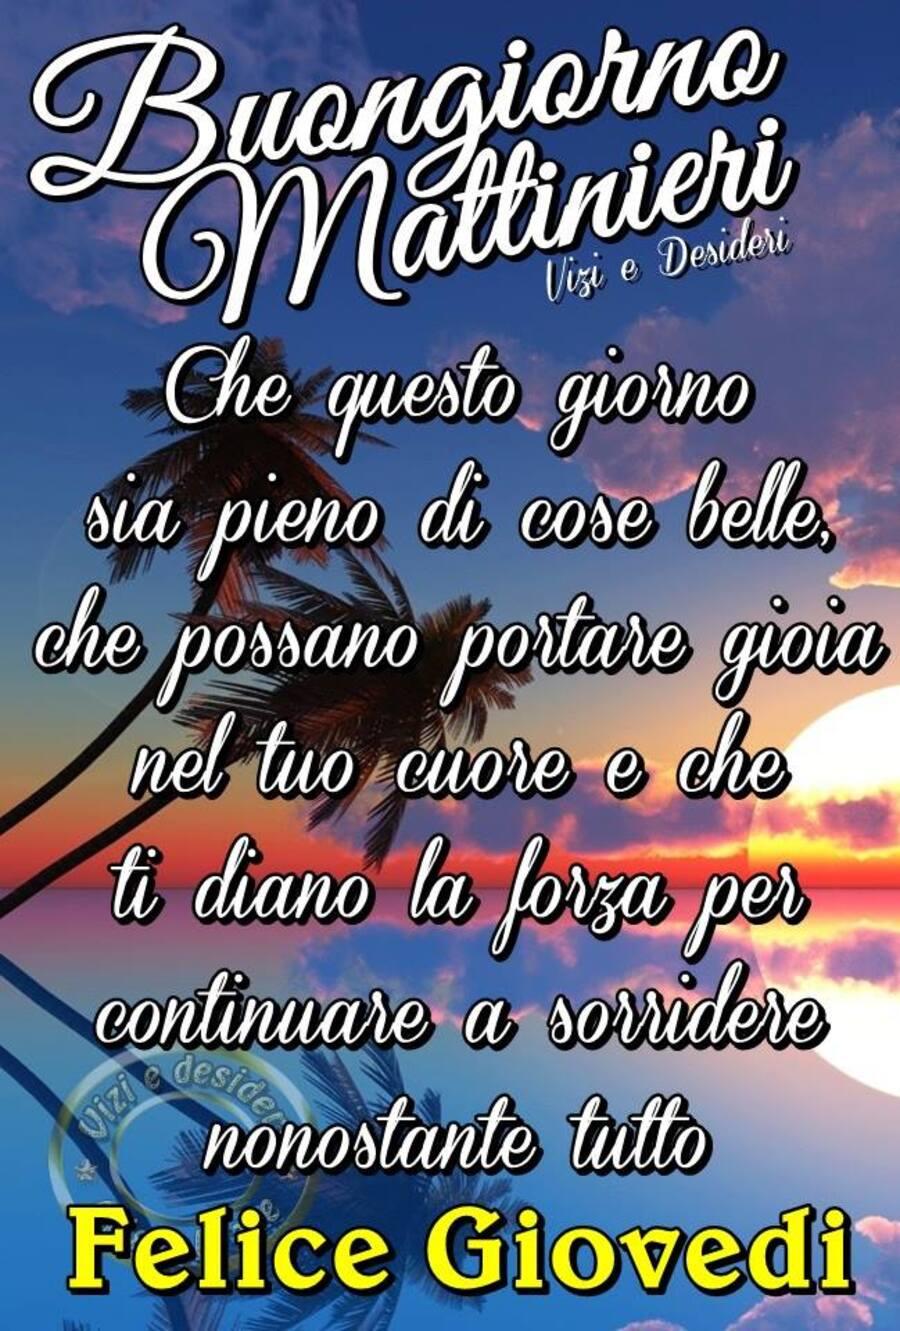 """""""Buongiorno Mattinieri, che questo giorno sia pieno di cose belle, che possano portare gioia nel tuo cuore e che ti diano la forza per continuare a sorridere nonostante tutto. Buon Giovedì"""""""